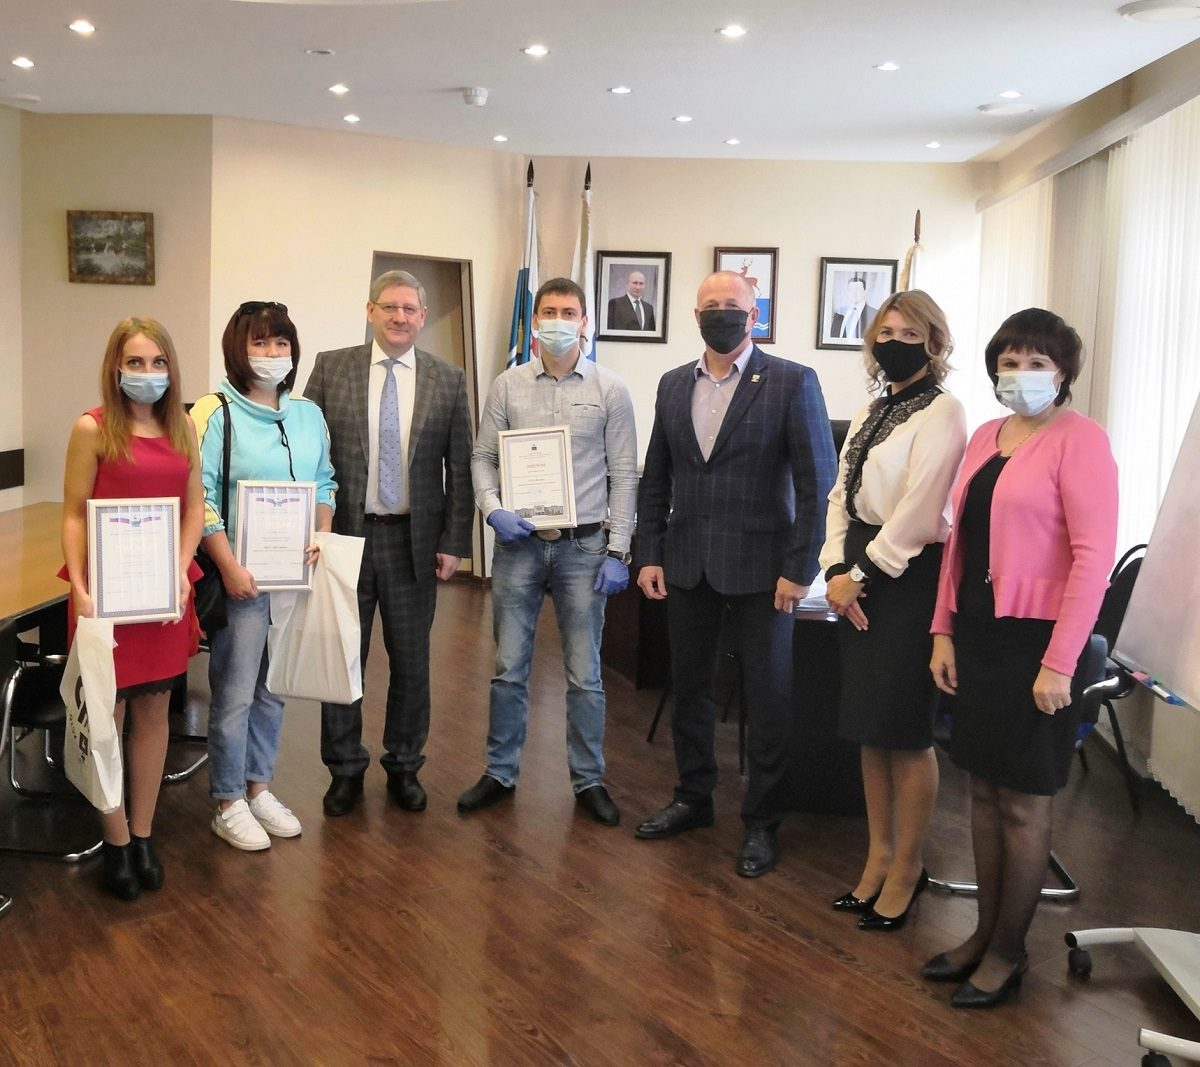 Победителей конкурса «Предприниматель года» наградили в Кстове